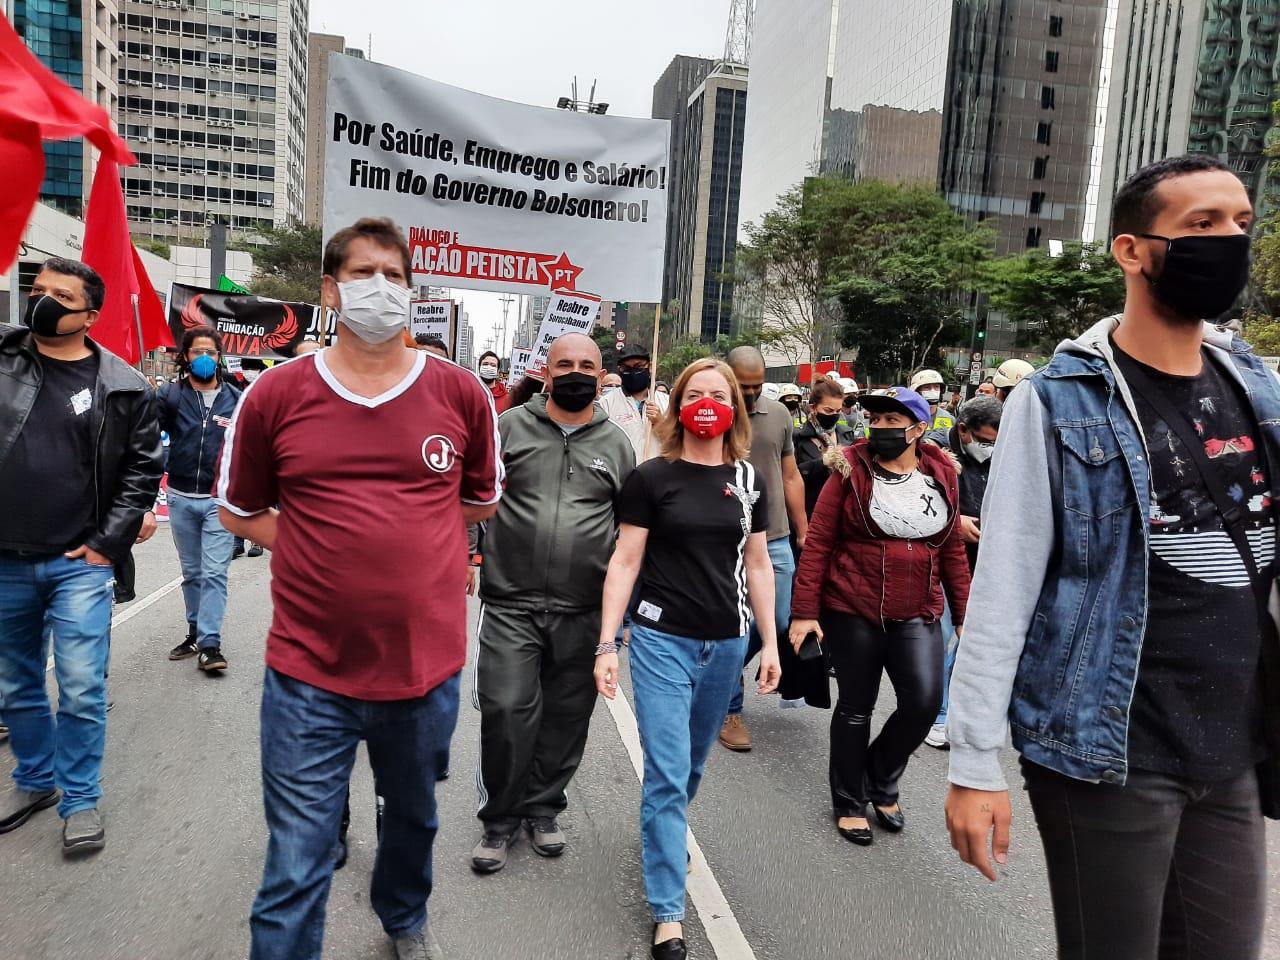 Gleisi e Jilmar a frente da Coluna do Diálogo e Ação Petista, que marcou presença no ato.